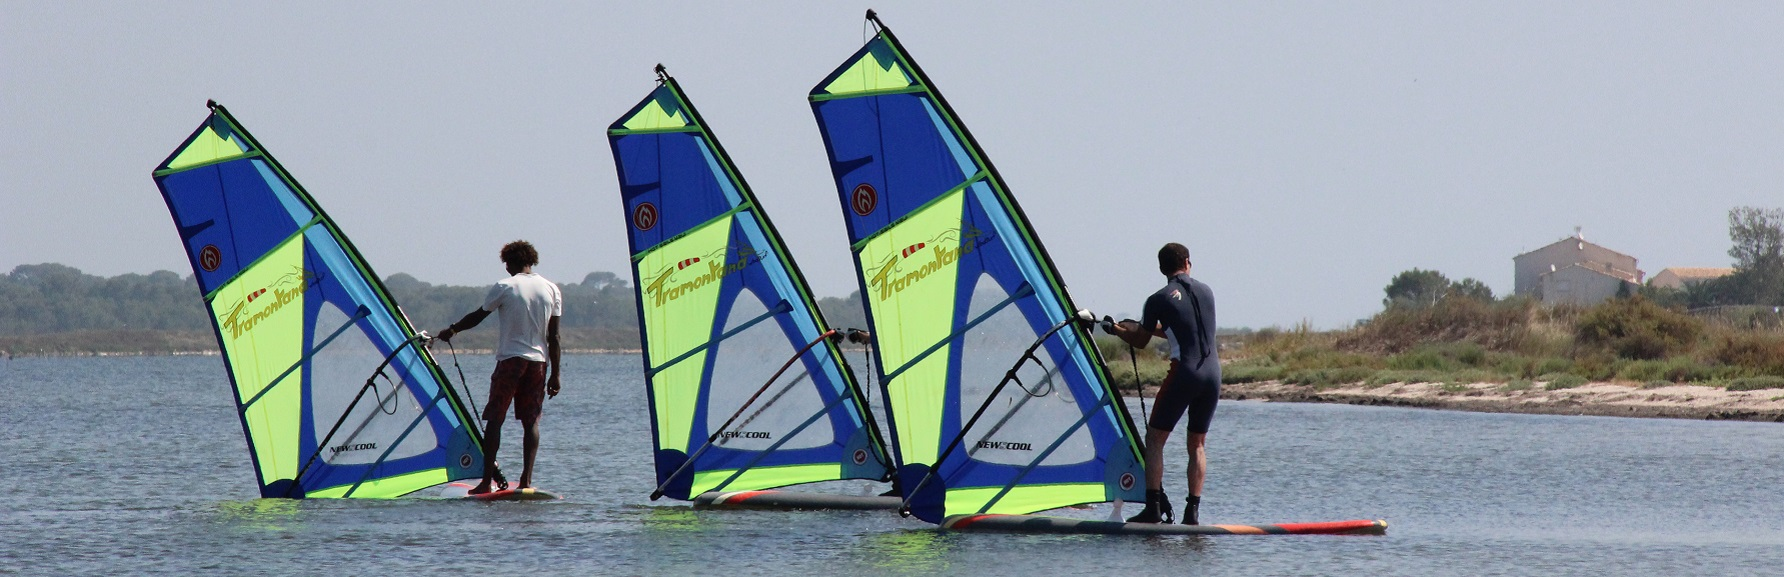 Einzelkurse und Gruppenkurse Tramontana Windsurf ab 7 Jahre